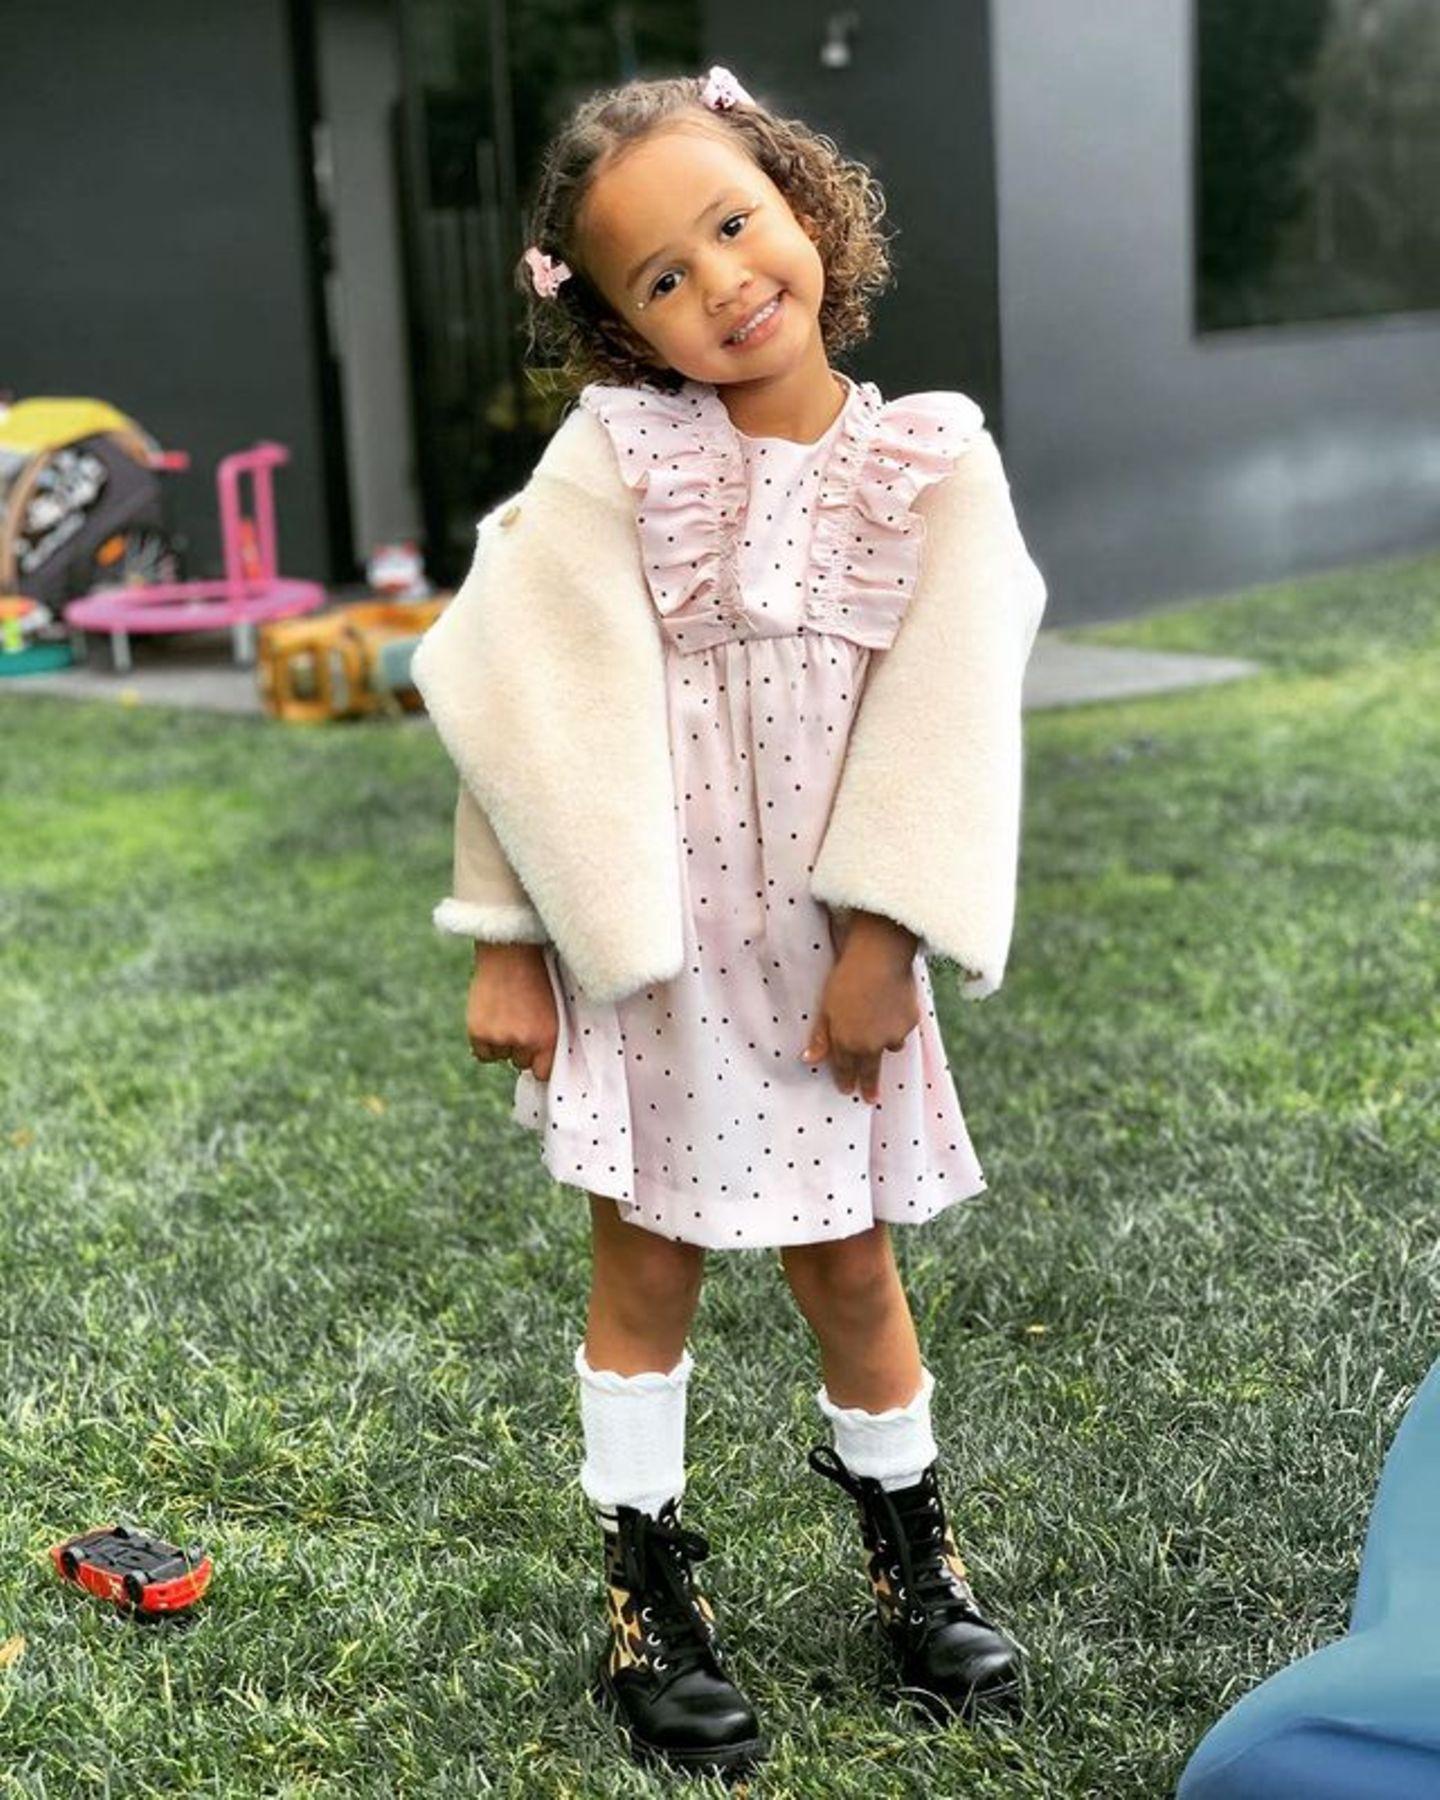 In einem rosafarbenen Pünktchen-Kleid mit Rüschen, einem flauschigen Cardigan und weißen Söckchen hat uns Chrissy Teigens Tochter Luna sofort um den Finger gewickelt. Die ebenfalls rosafarbenen Spangen und die Pose der vierjährigen setzen dem Ganzen in Sachen Niedlichkeit noch das Krönchen auf.